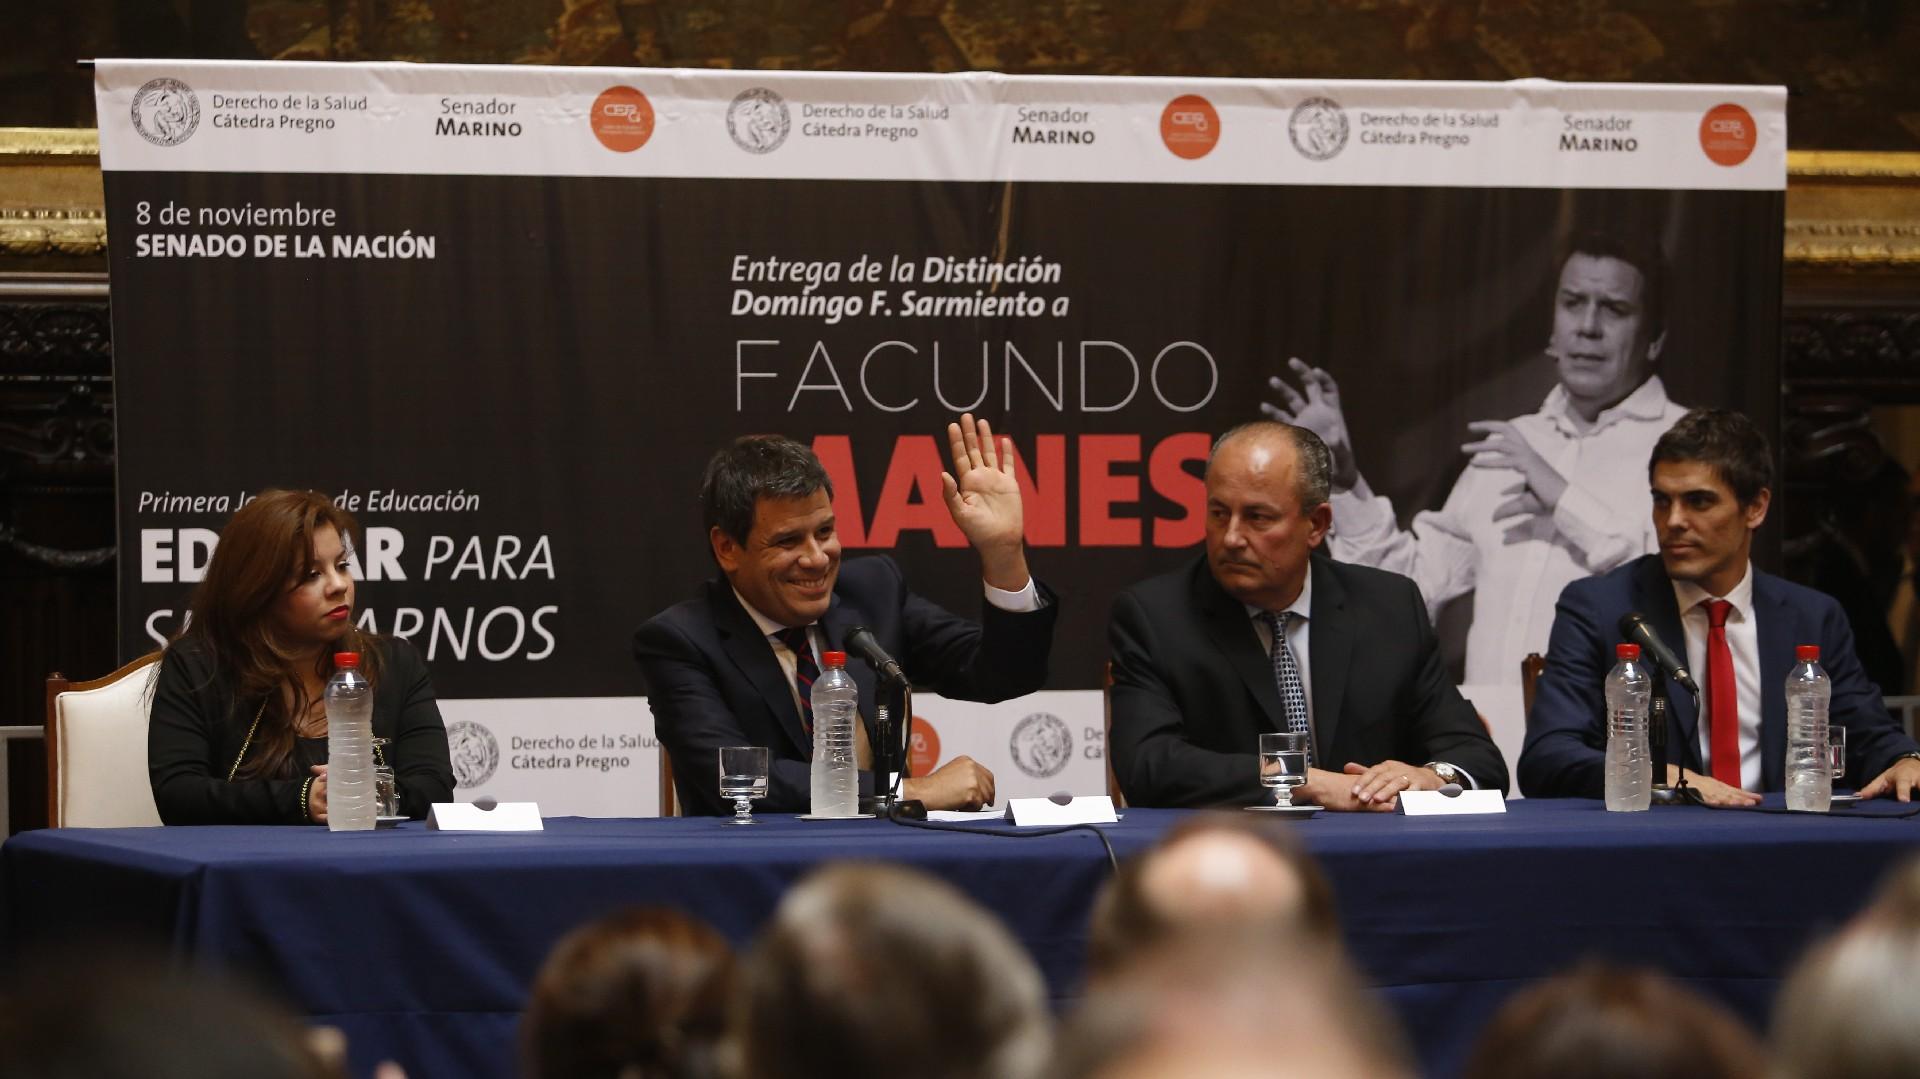 Facundo Manes expuso su discurso durante 40 minutos